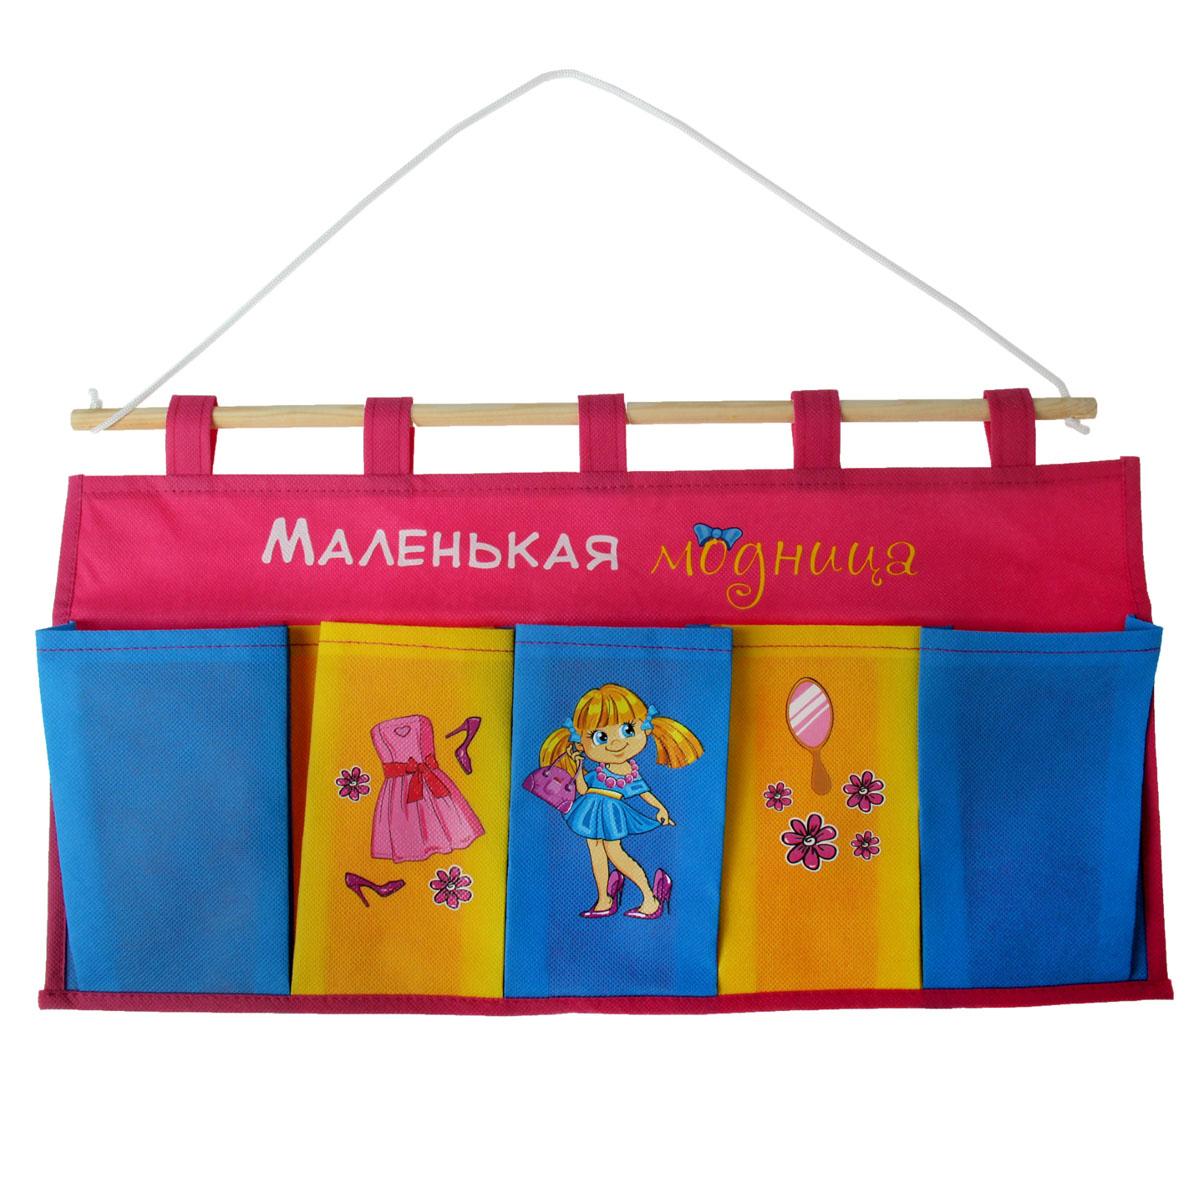 Кармашки на стену Sima-land Маленькая модница, цвет: бордовый, синий, желтый, 5 шт838302Кармашки на стену Sima-land «Маленькая модница», изготовленные из текстиля, предназначены для хранения необходимых вещей, множества мелочей в гардеробной, ванной, детской комнатах. Изделие представляет собой текстильное полотно с пятью пришитыми кармашками. Благодаря деревянной планке и шнурку, кармашки можно подвесить на стену или дверь в необходимом для вас месте. Кармашки декорированы изображениями девочки, платья, зеркальца и надписью «Маленькая модница». Этот нужный предмет может стать одновременно и декоративным элементом комнаты. Яркий дизайн, как ничто иное, способен оживить интерьер вашего дома.